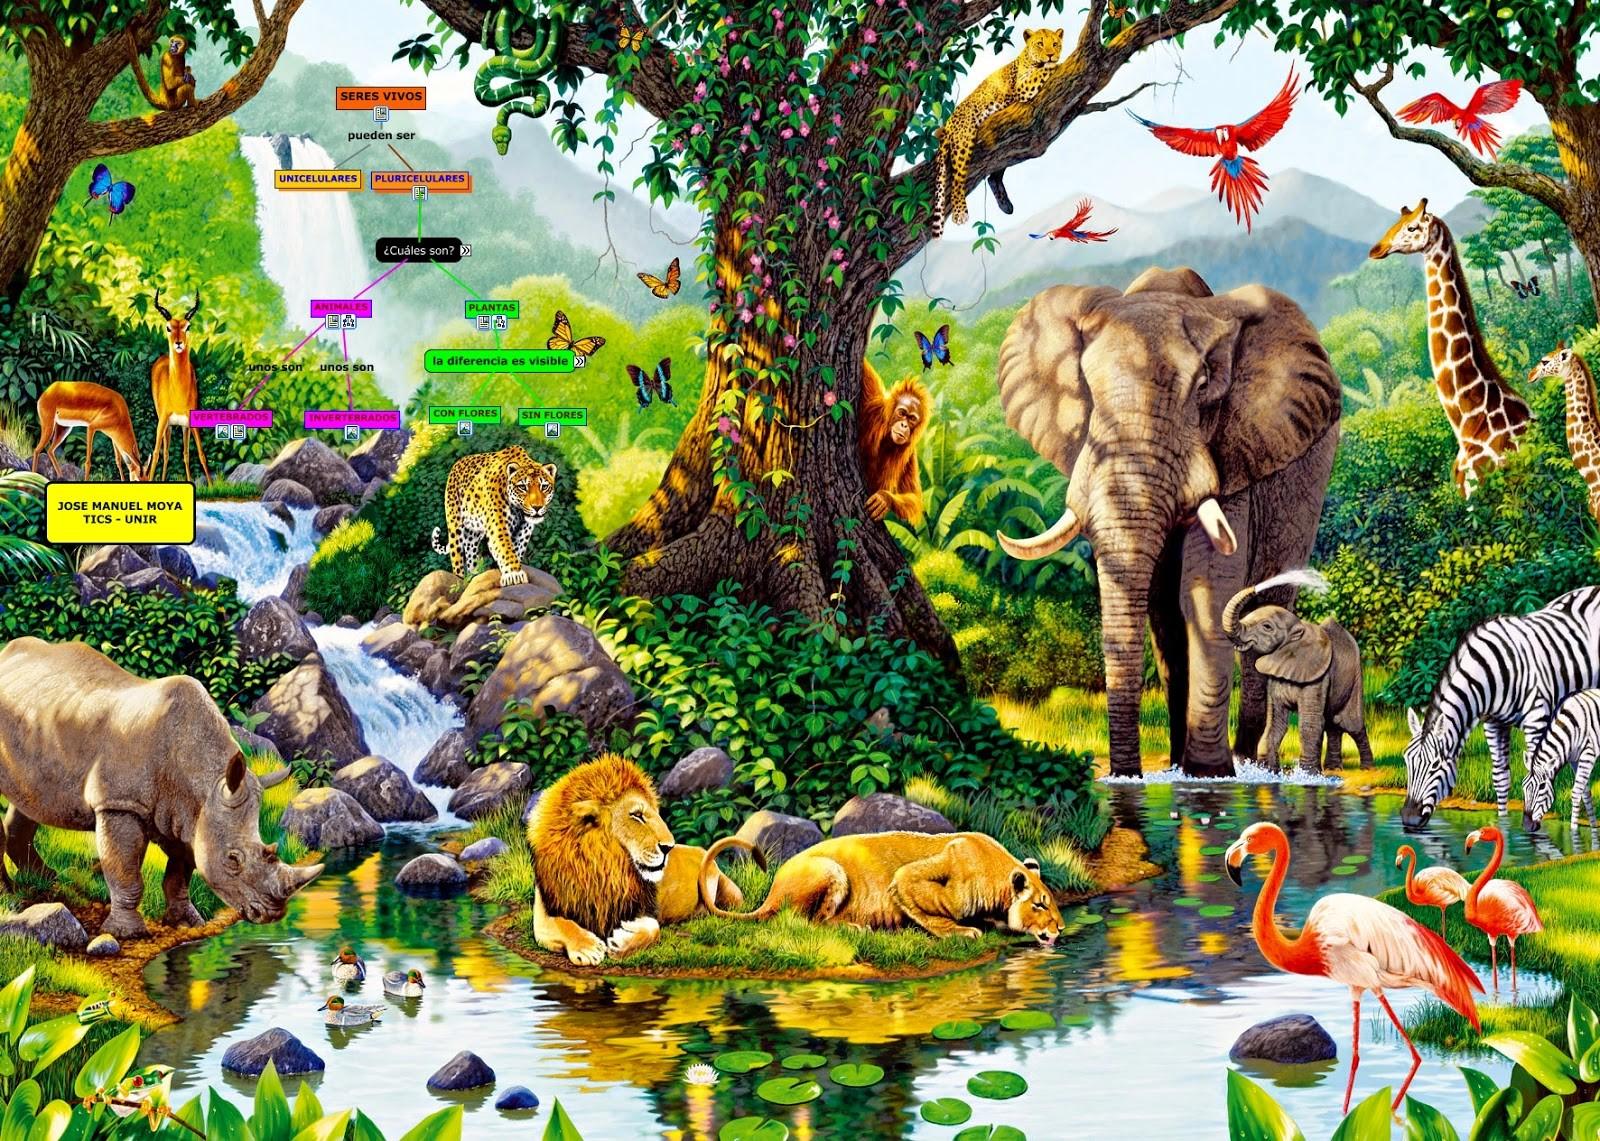 Seres vivos plantas y animales